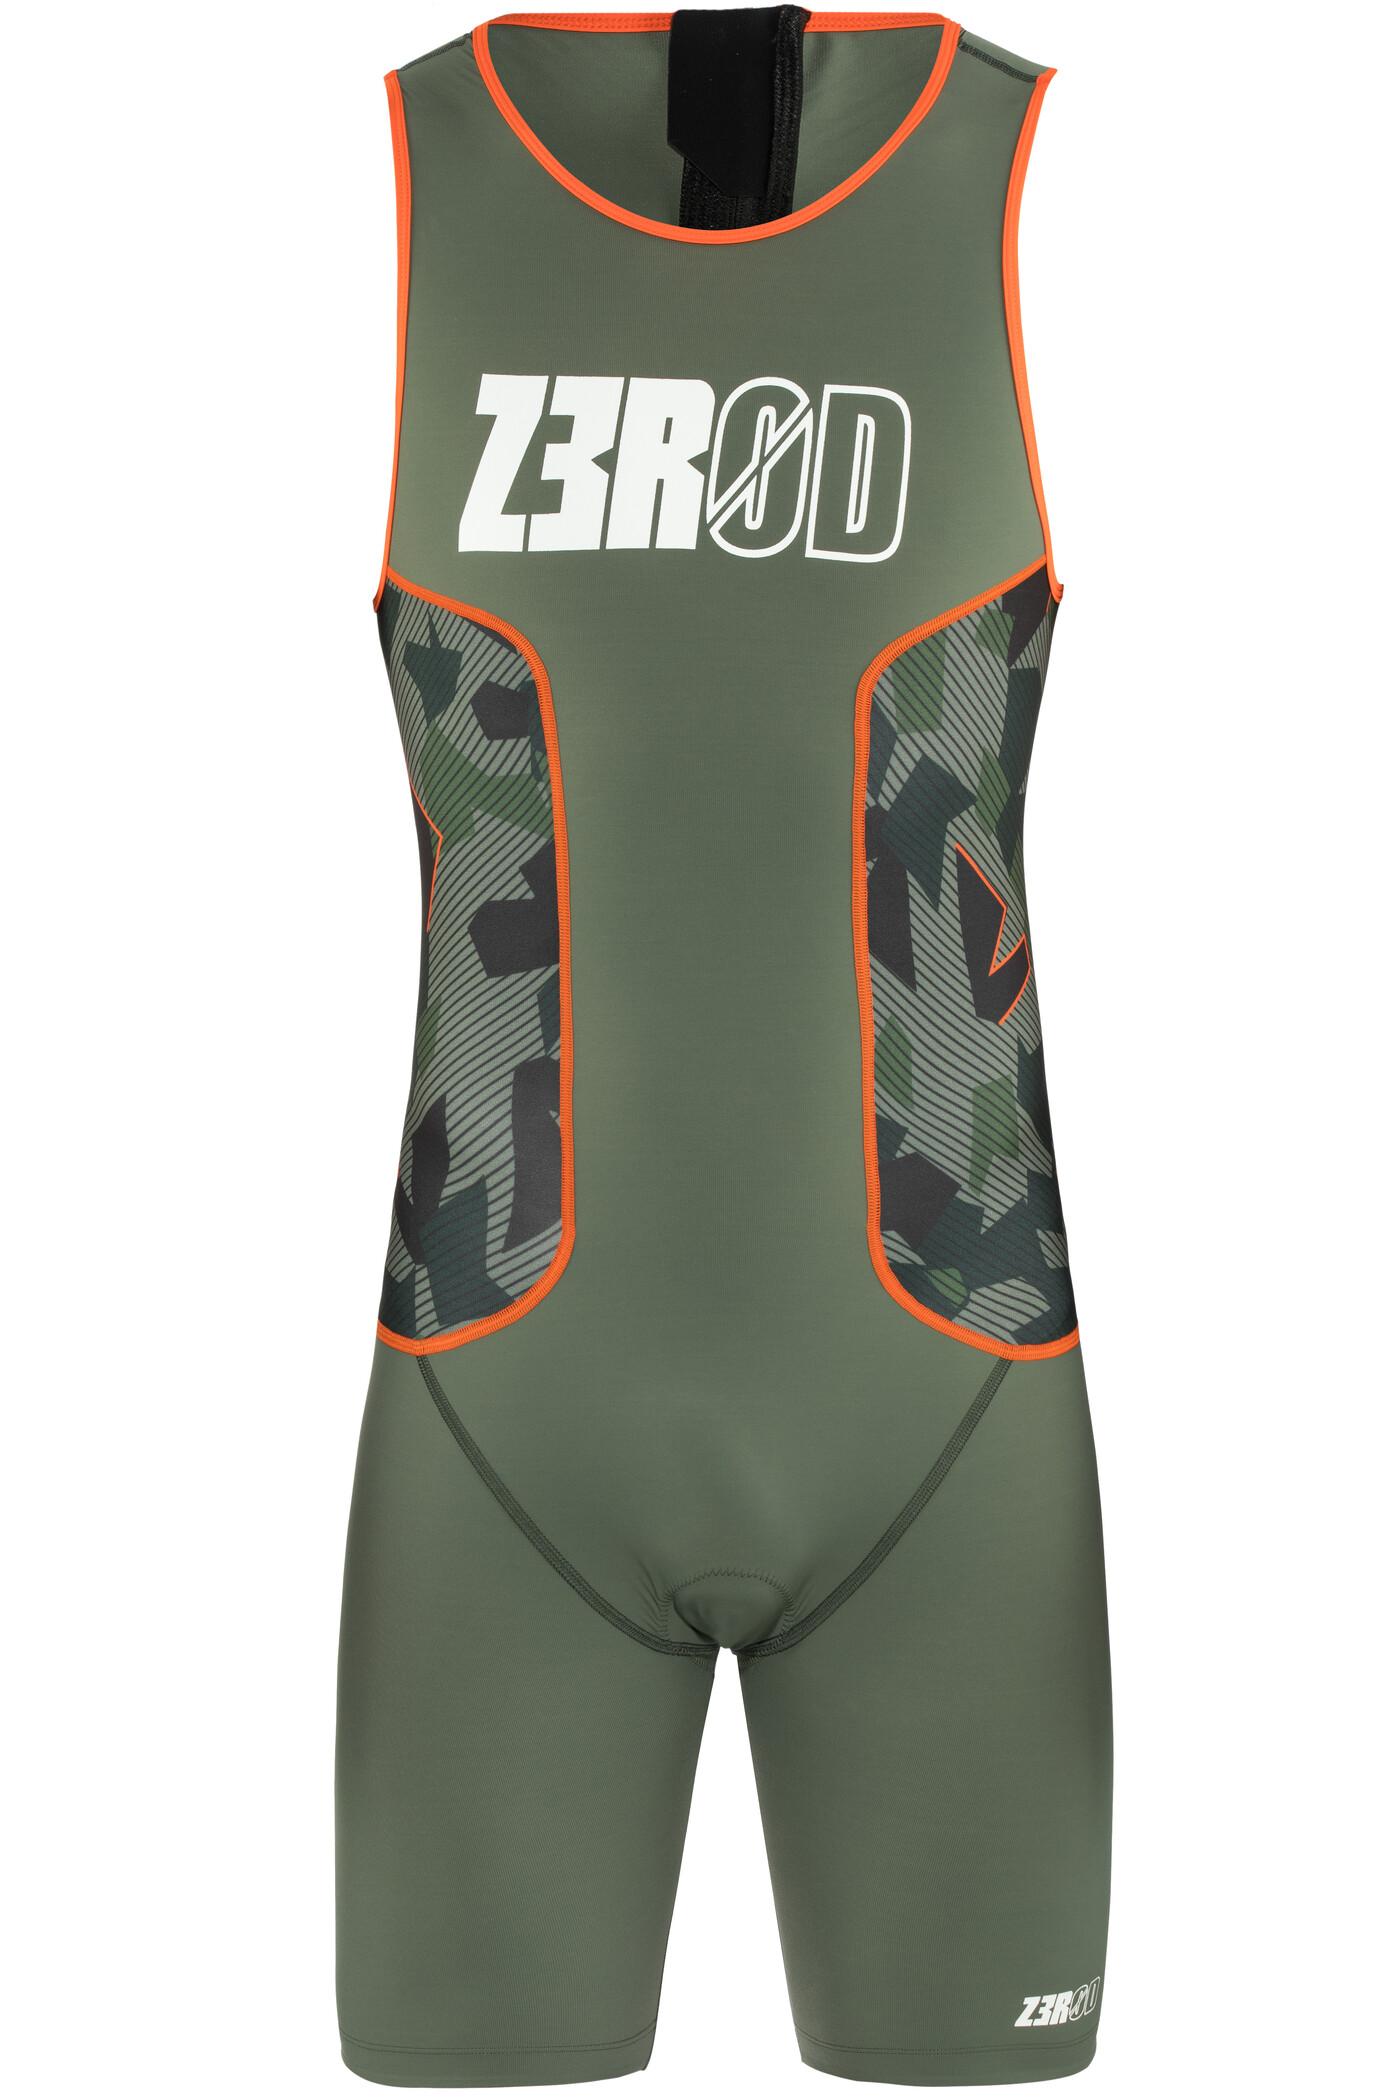 Z3R0D Racer Triatlondragt Herrer, camo | Svømmetøj og udstyr